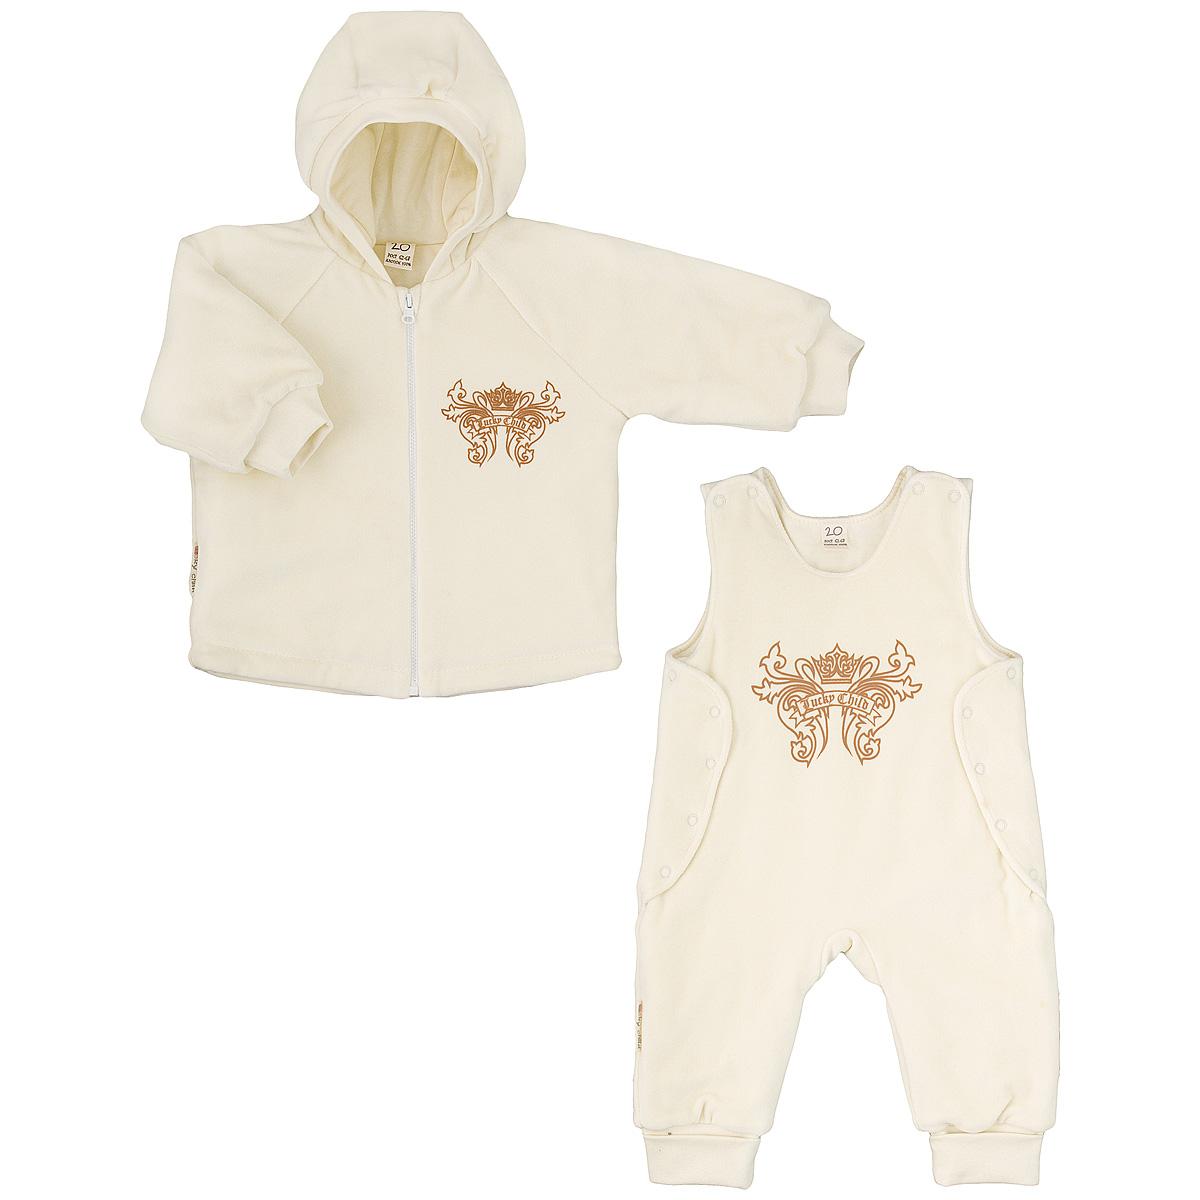 Комплект одежды5-5Утепленный детский комплект Lucky Child идеально подойдет для ребенка в прохладное время года. Комплект состоит из куртки и полукомбинезона, изготовленных из велюра с утеплителем из синтепона, а для максимального комфорта на подкладке используется натуральный хлопок, который не раздражает нежную кожу ребенка и хорошо сохраняет тепло. Комплект необычайно мягкий и приятный на ощупь, не сковывает движения малыша и позволяет коже дышать, обеспечивая ему наибольший комфорт. Куртка с капюшоном и длинными рукавами-реглан застегивается на пластиковую застежку-молнию. Рукава дополнены широкими трикотажными манжетами, не стягивающими запястья. На груди она оформлена оригинальным принтом в виде логотипа бренда. Полукомбинезон застегивается сверху на кнопки, а по бокам дополнен специальными клапанами на кнопках, которые позволяют без труда переодеть малыша. Снизу брючин предусмотрены широкие трикотажные манжеты. На груди он декорирован таким же рисунком, как на куртке. ...